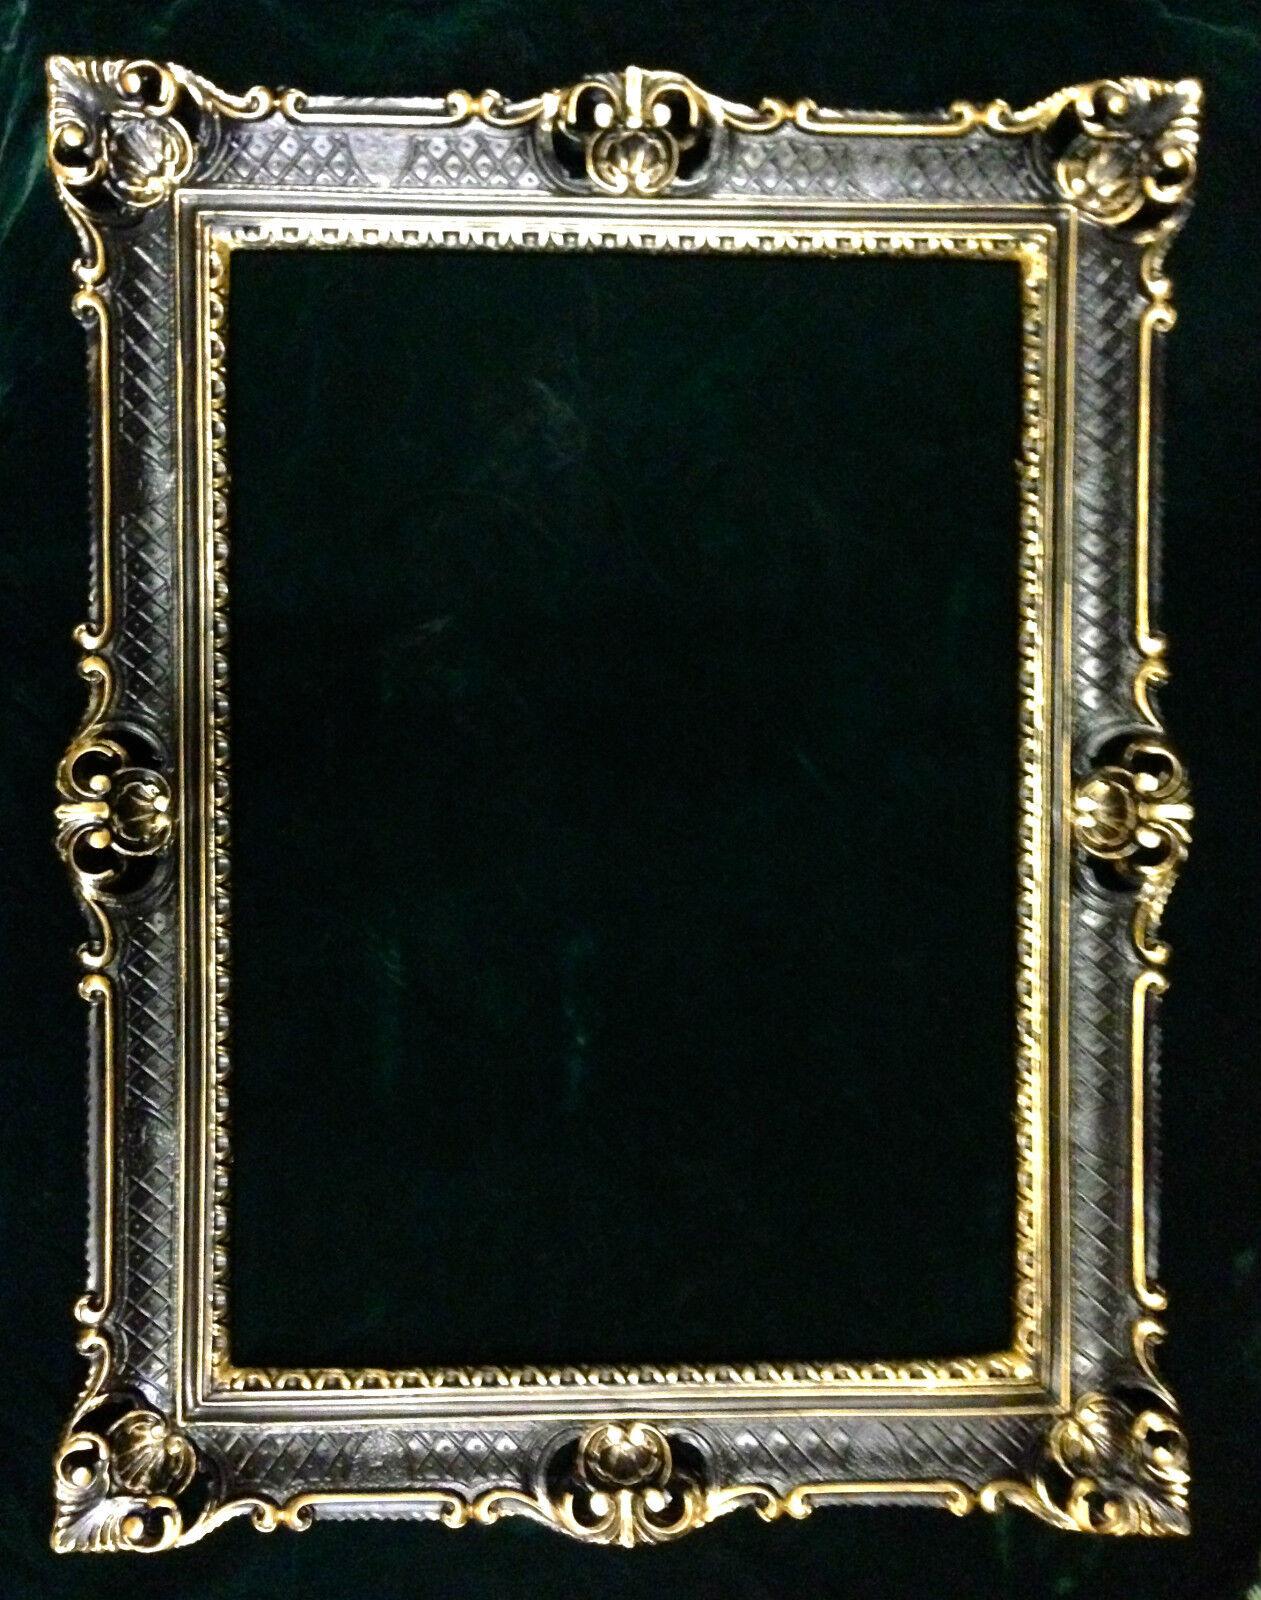 Bilderrahmen Schwarz-Gold Fotorahmen Barock Antik Hochzeitsrahmen ...